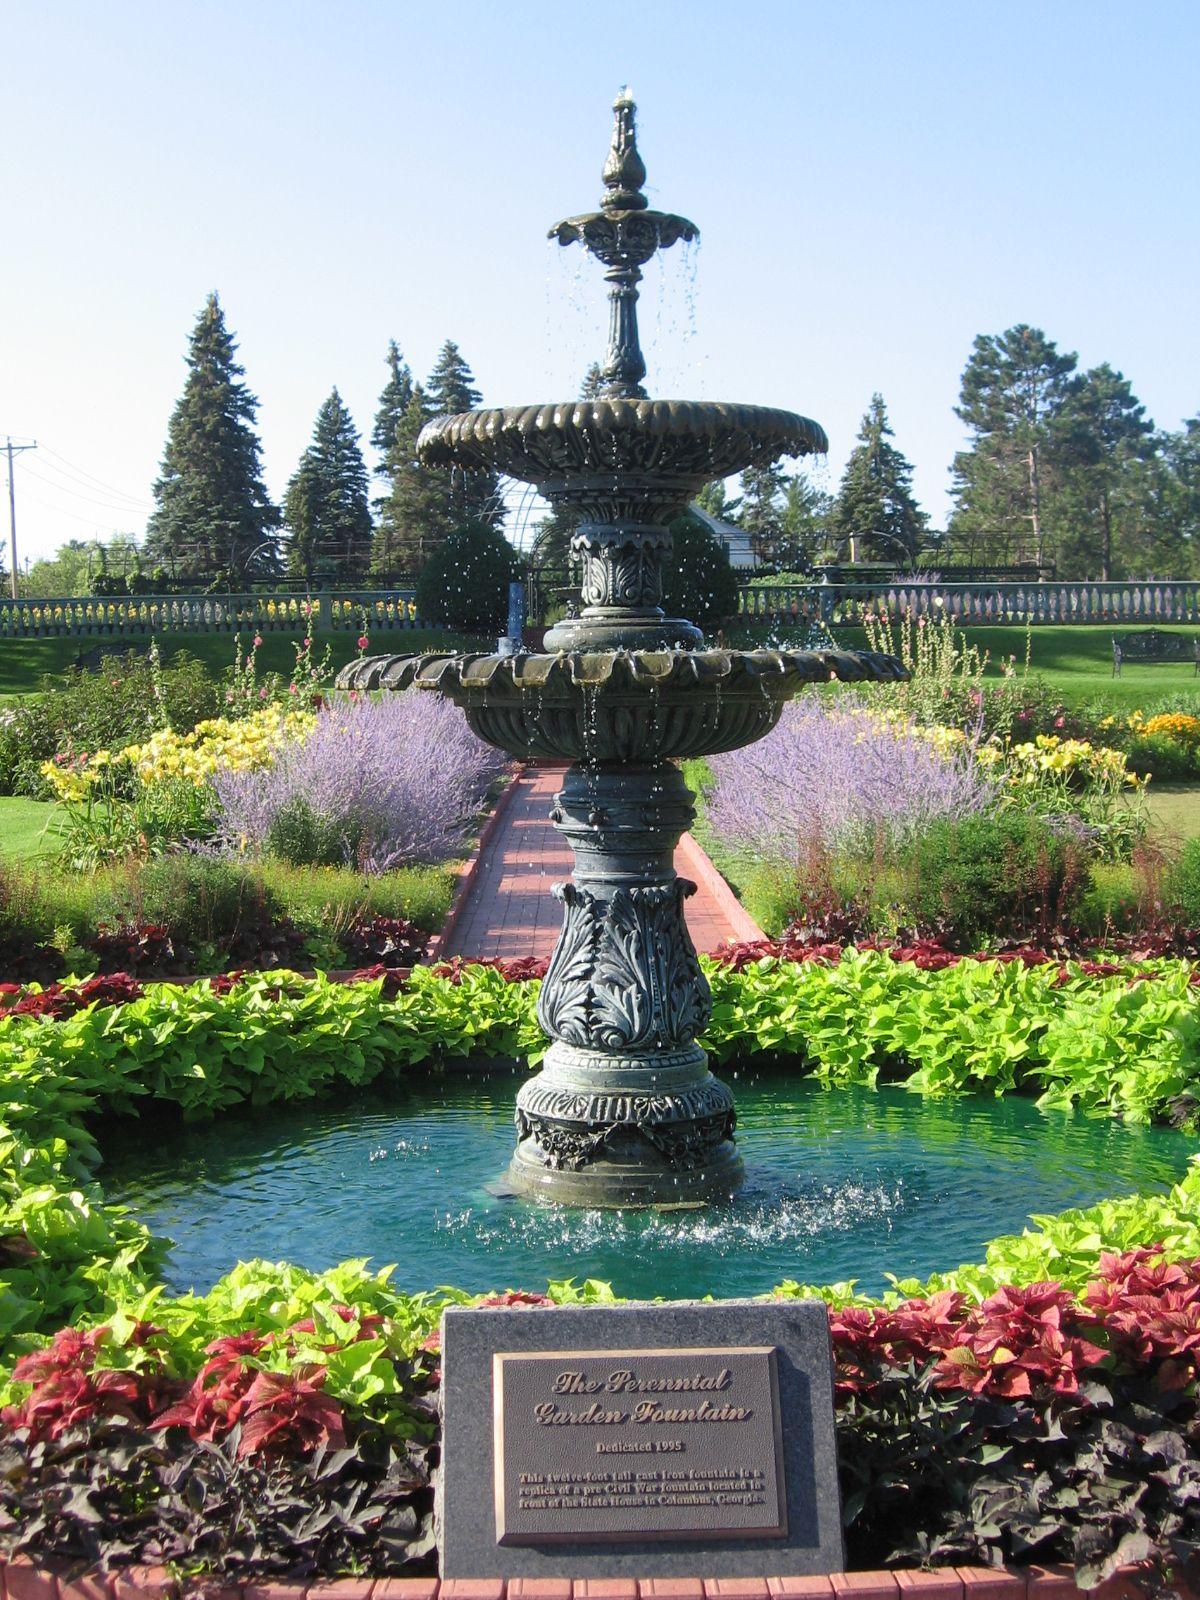 bd8dfe7a12a3a069cd4dee2e9fa2533c - Munsinger Gardens In St Cloud Minnesota